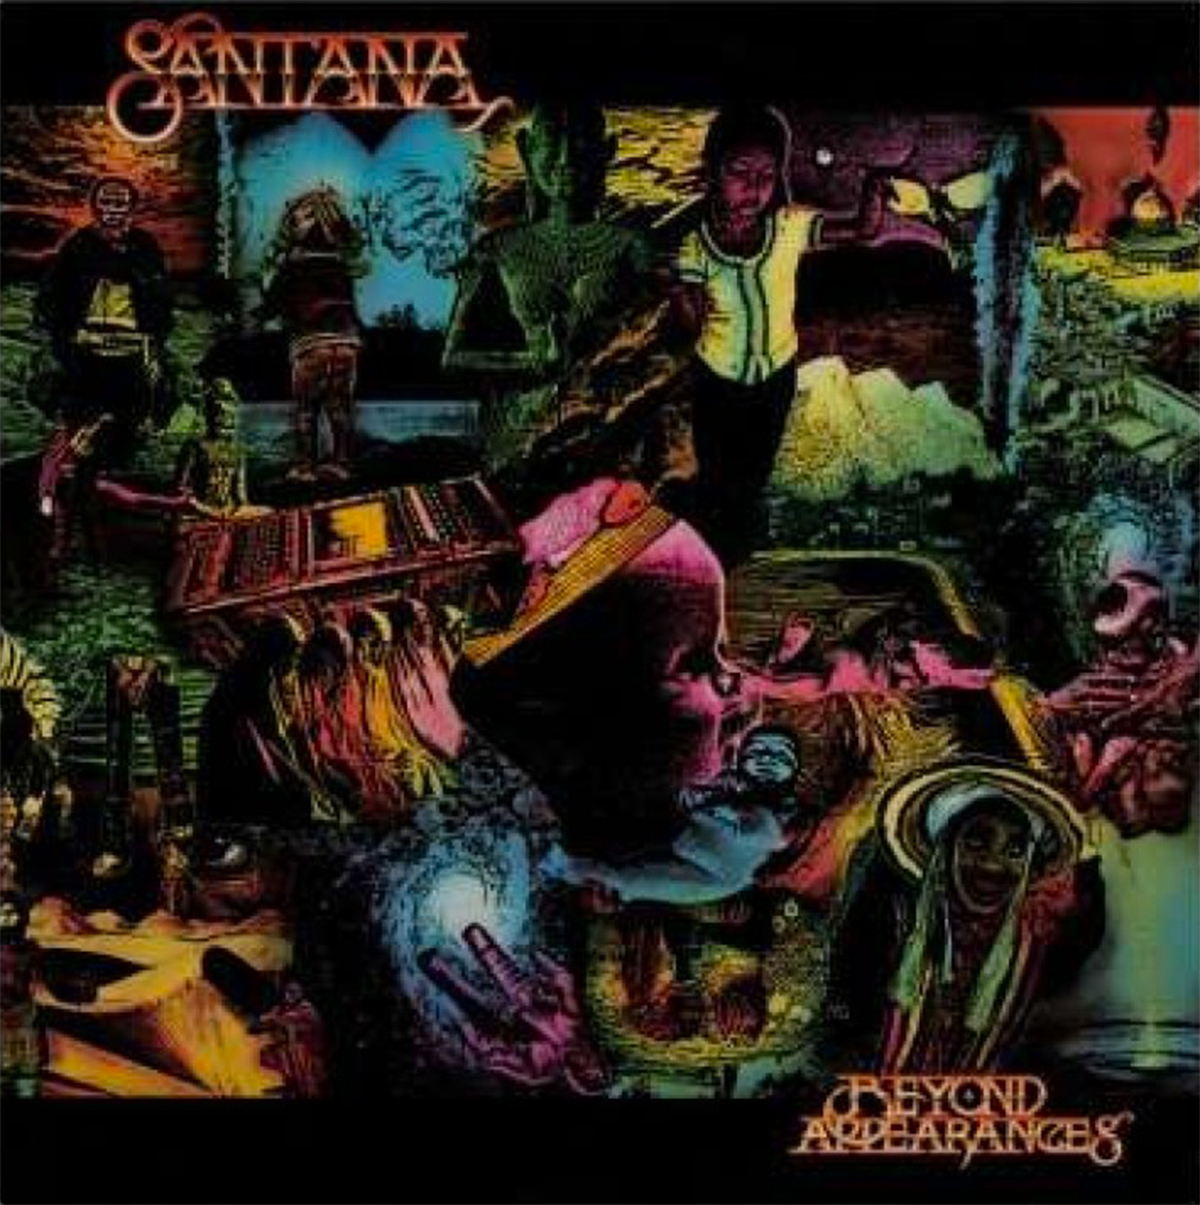 VINYL Santana - Beyond Appearances (LP)